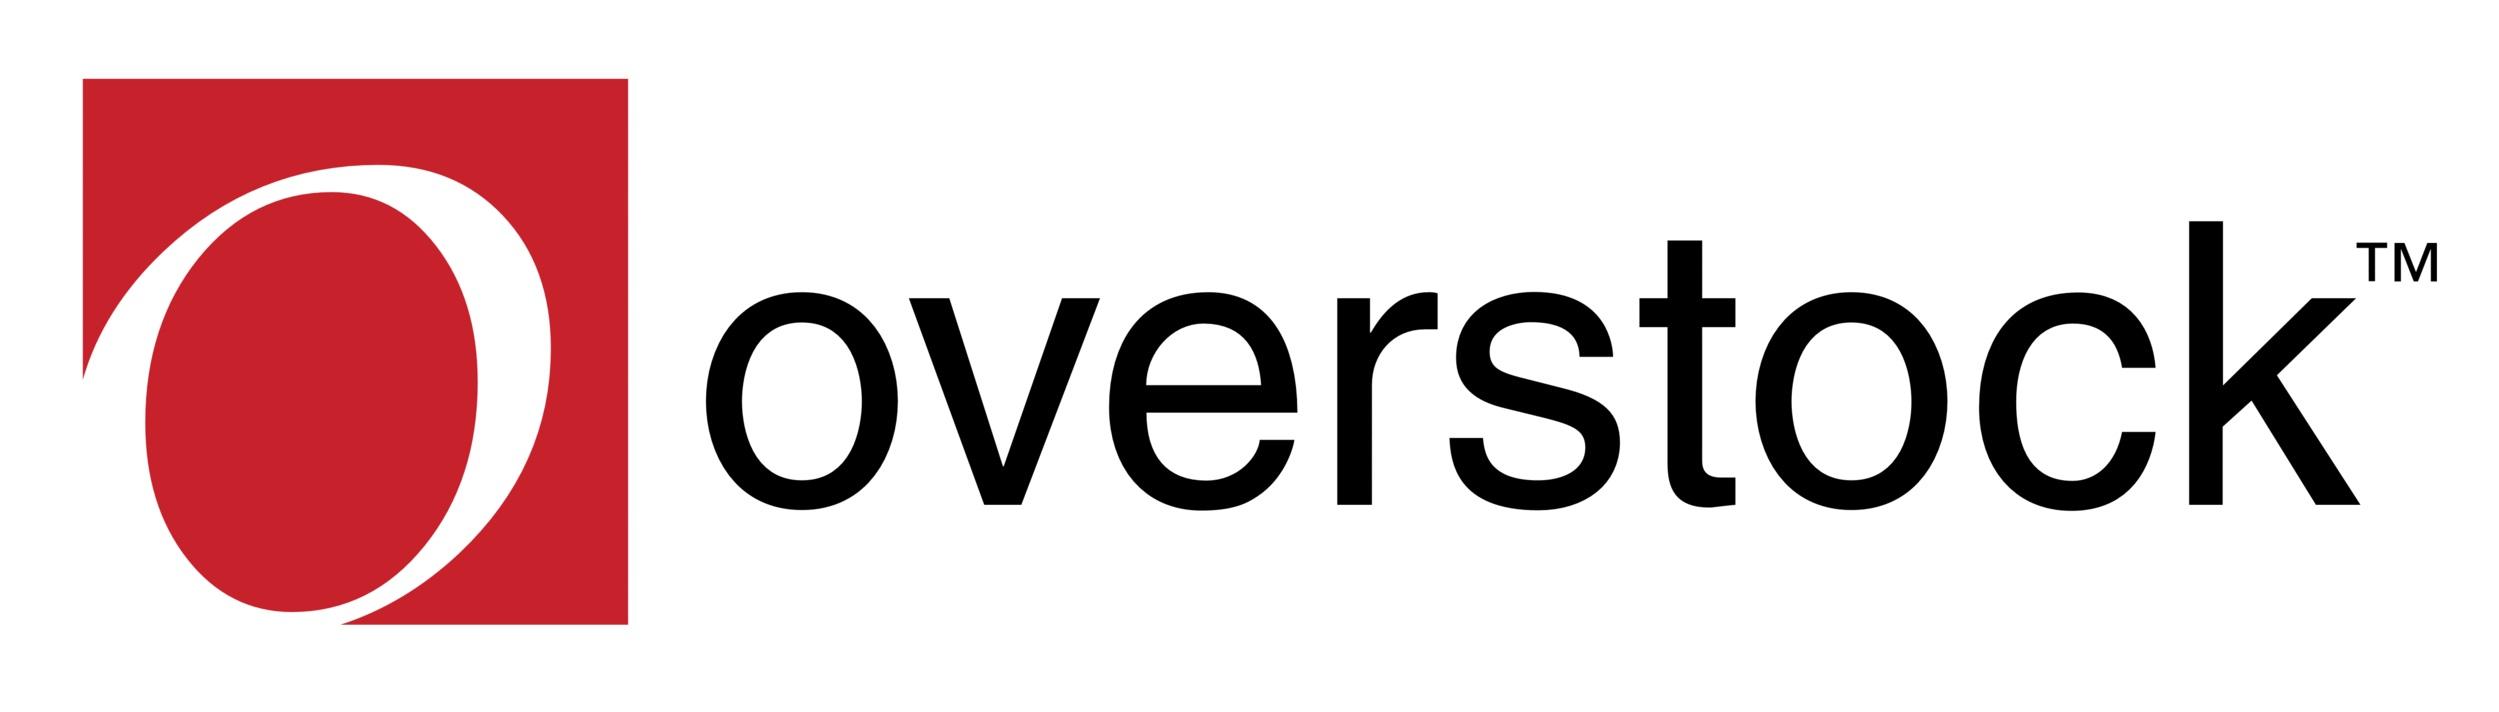 Overstock_logo.jpg